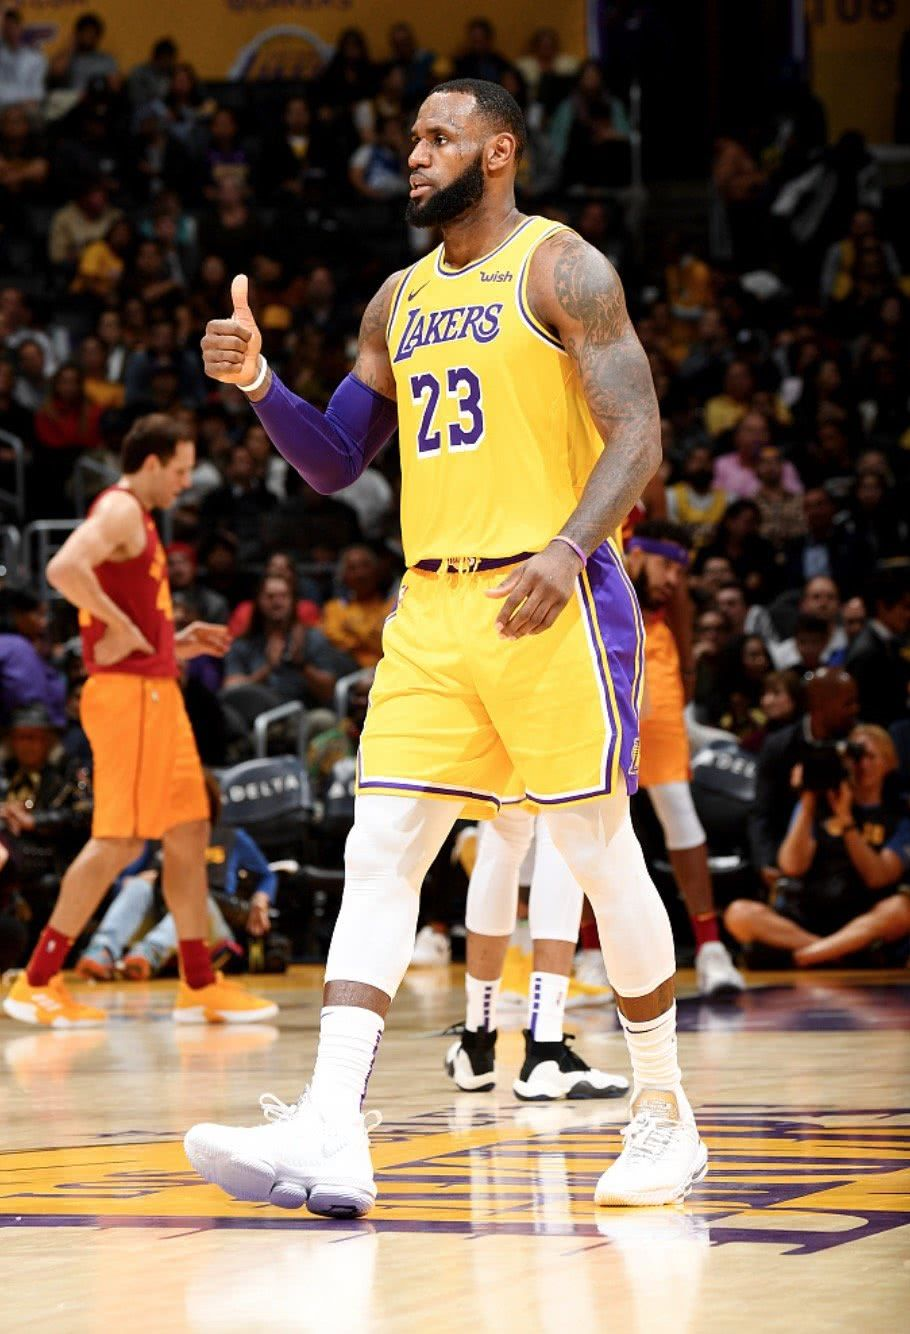 [推荐]原创NBA酝酿重大调整!湖人快船有望同时晋级总决赛,球迷:面目全非,难以接受!